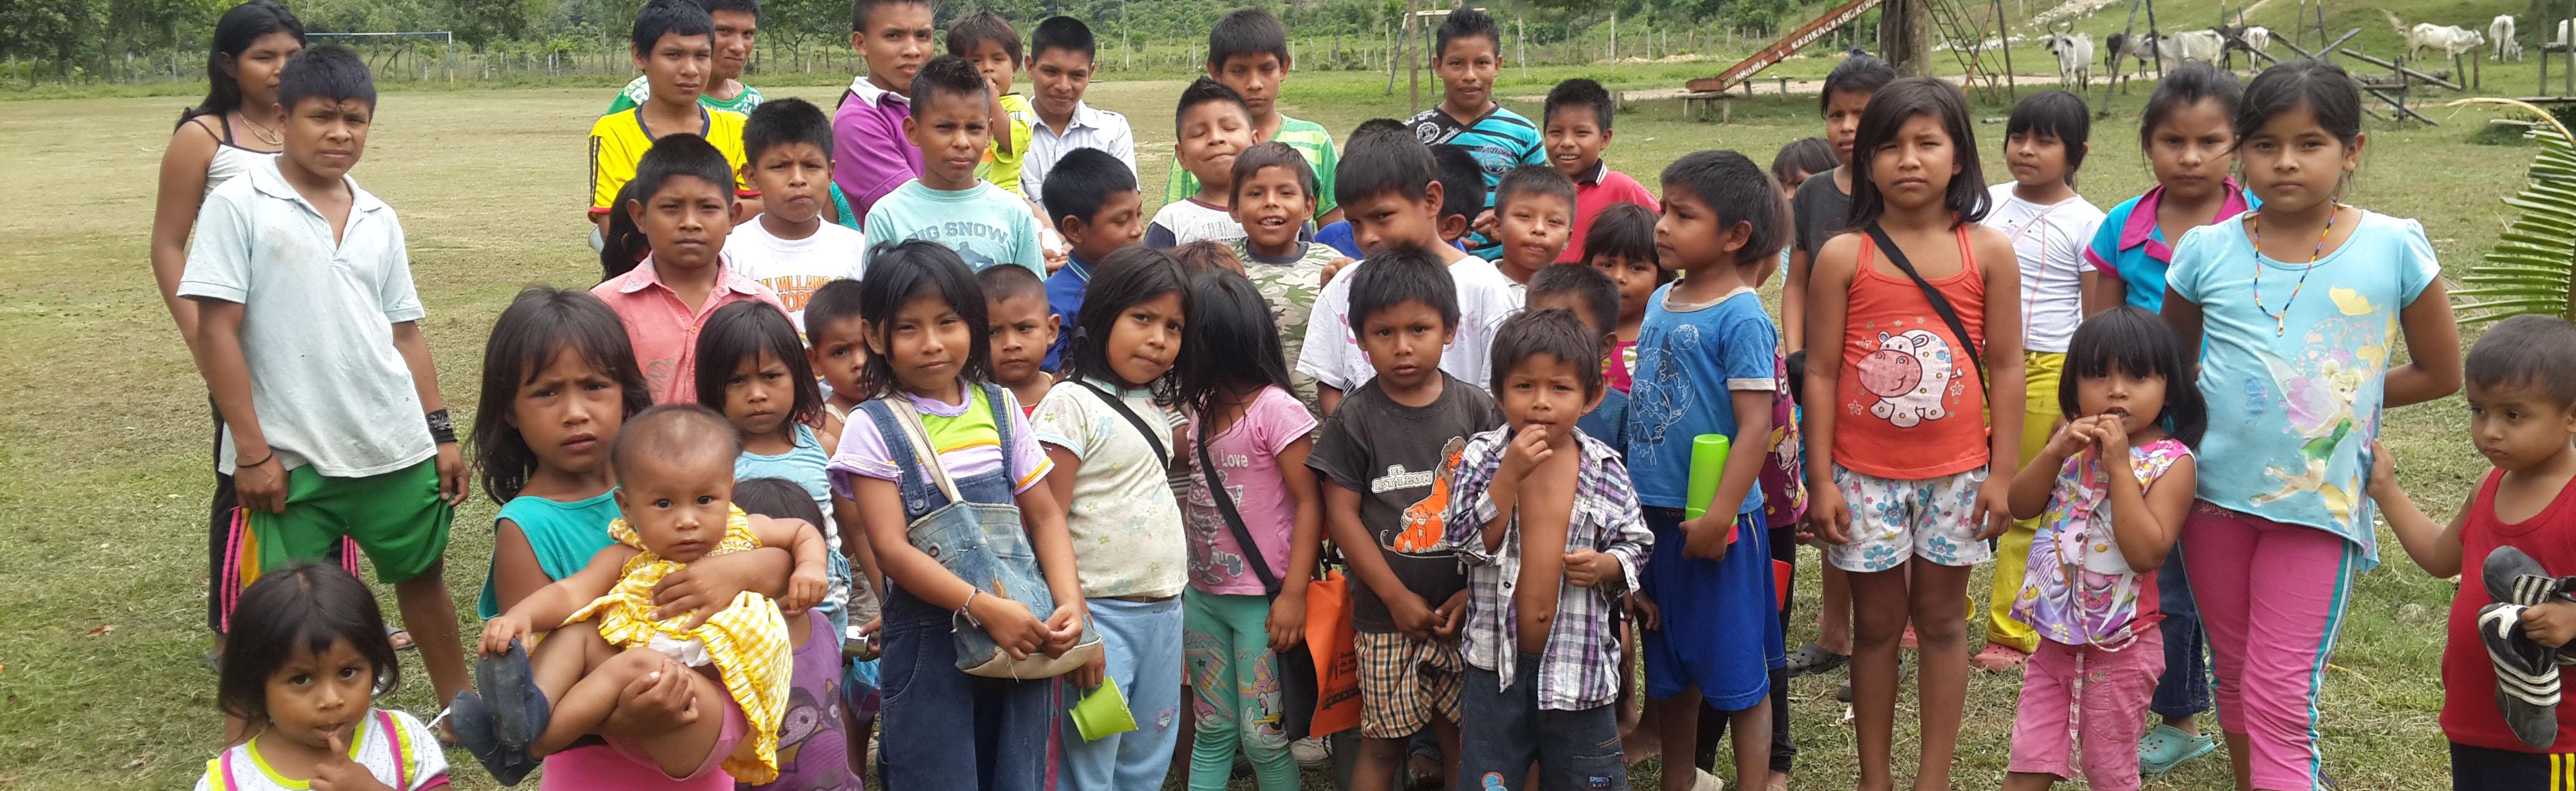 Nuestros Programas - Generaciones Étnicas con Bienestar